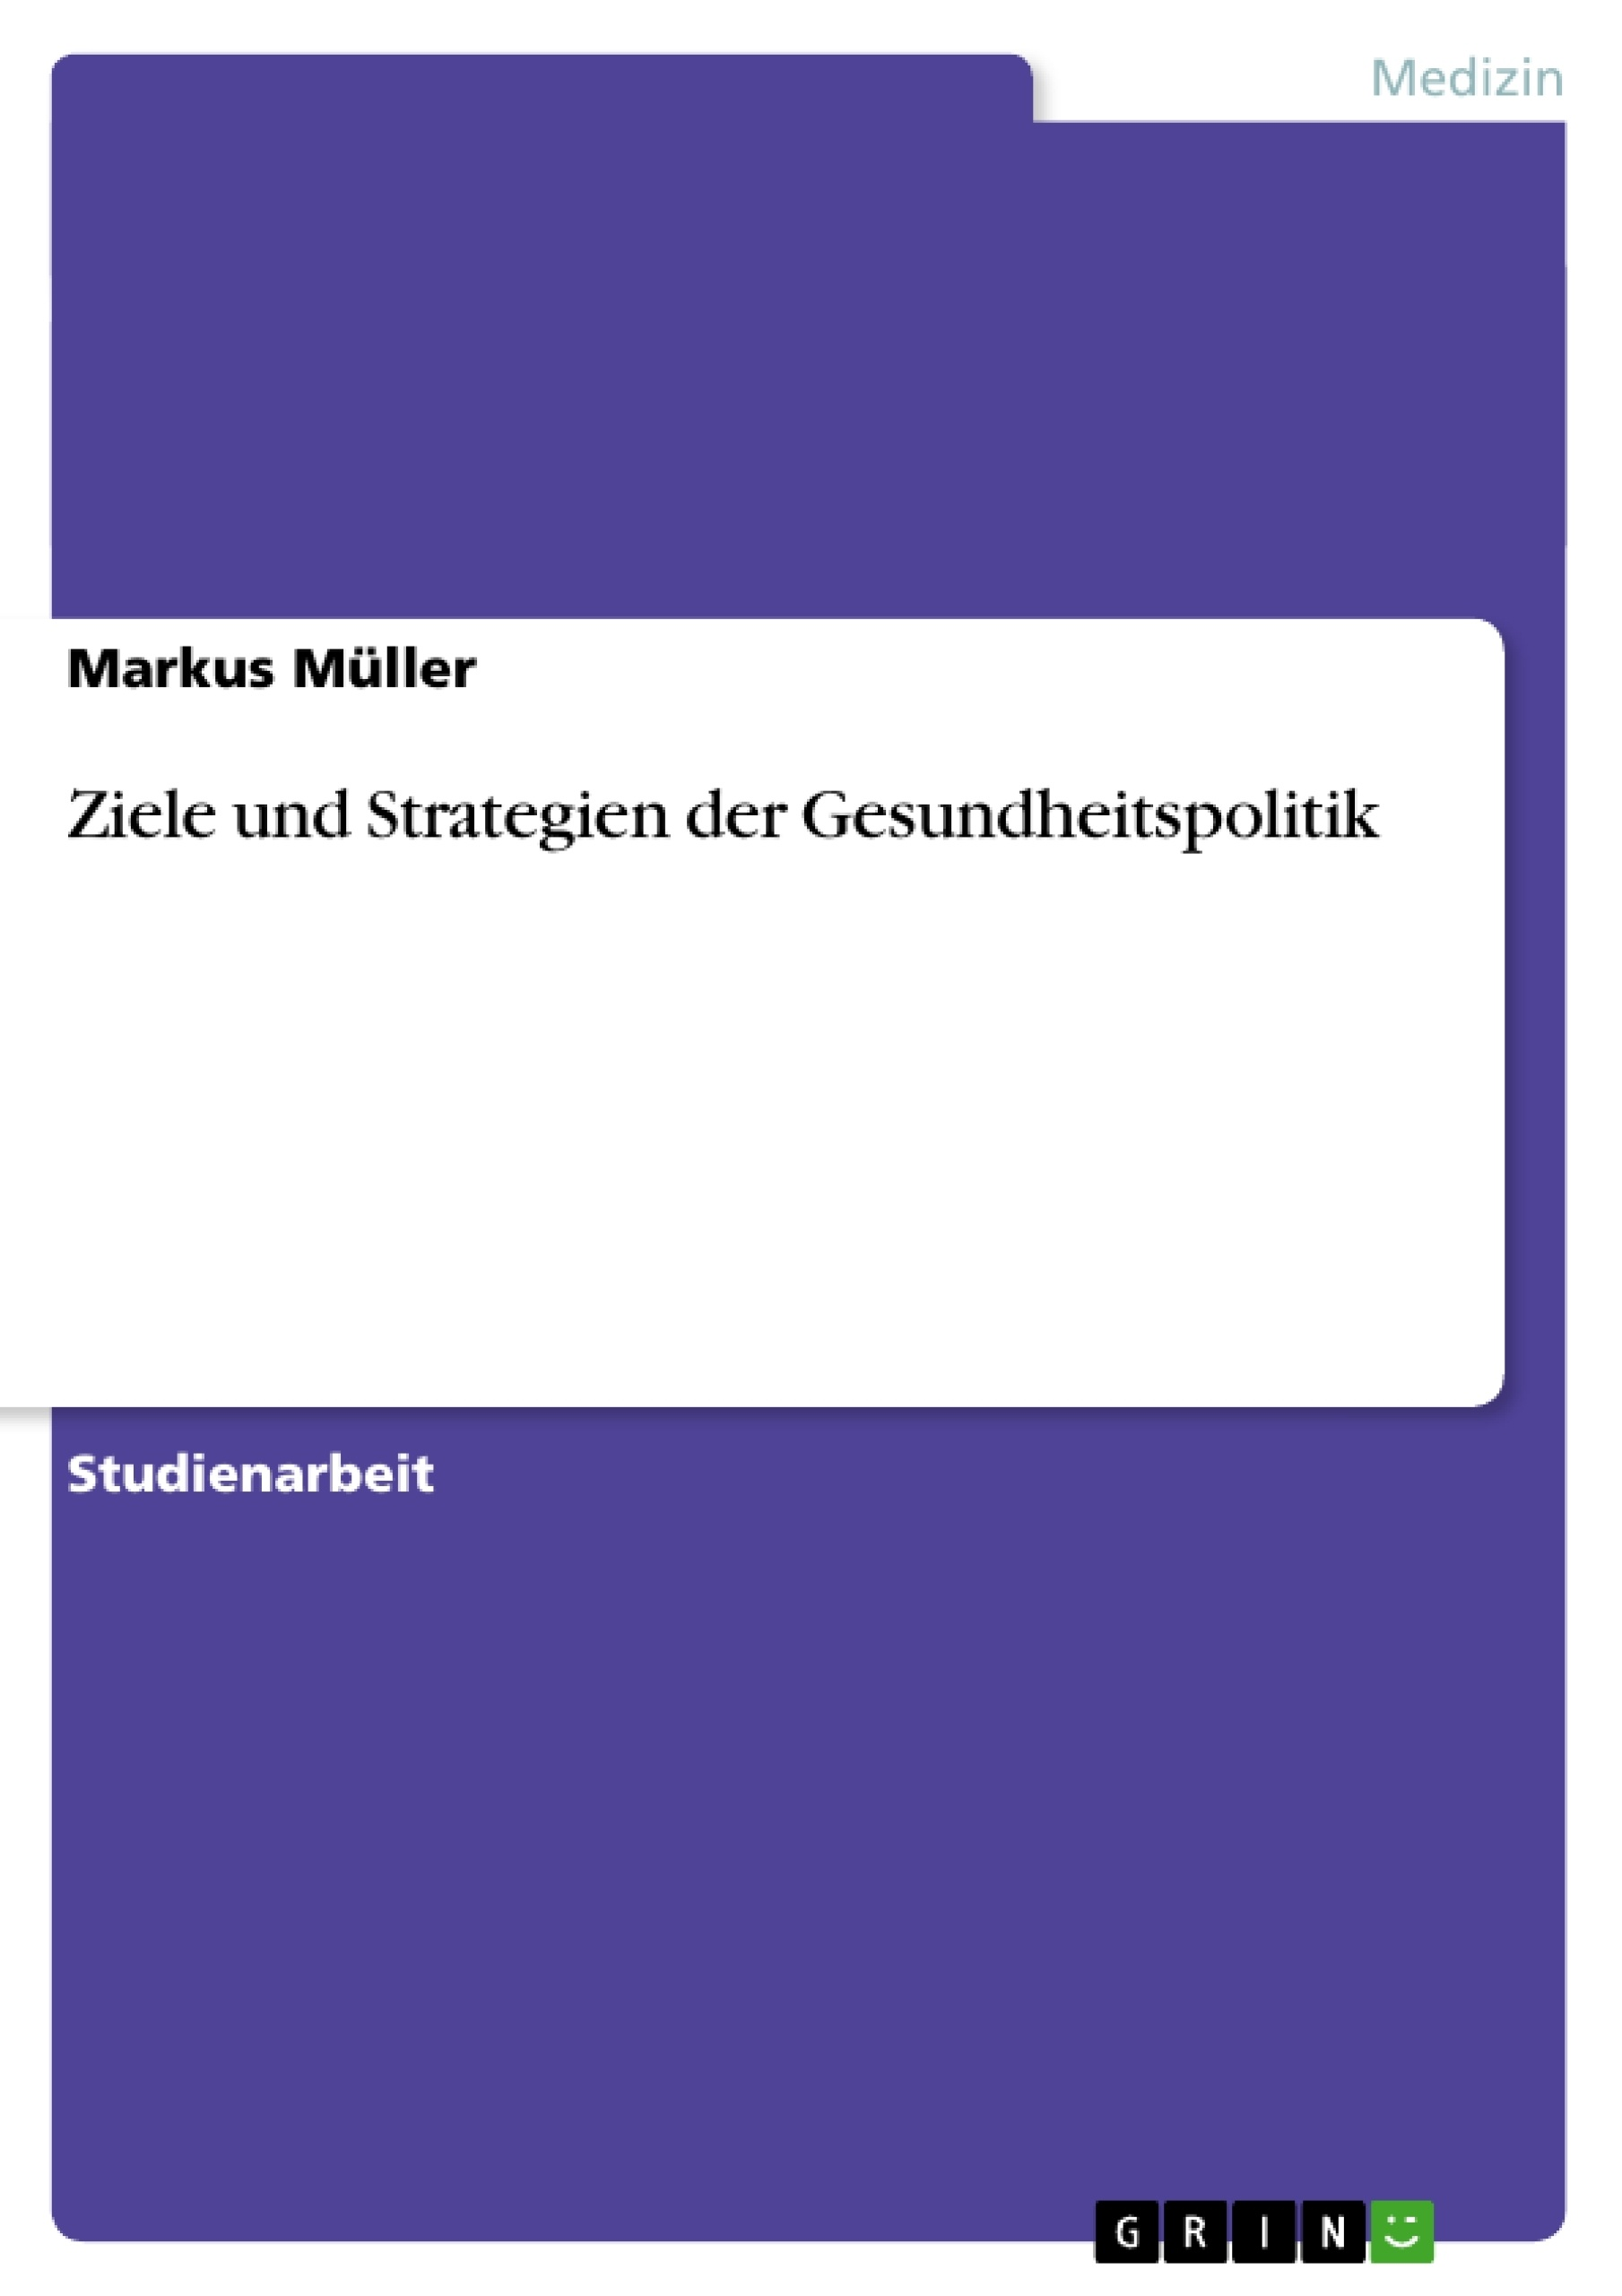 Titel: Ziele und Strategien der Gesundheitspolitik